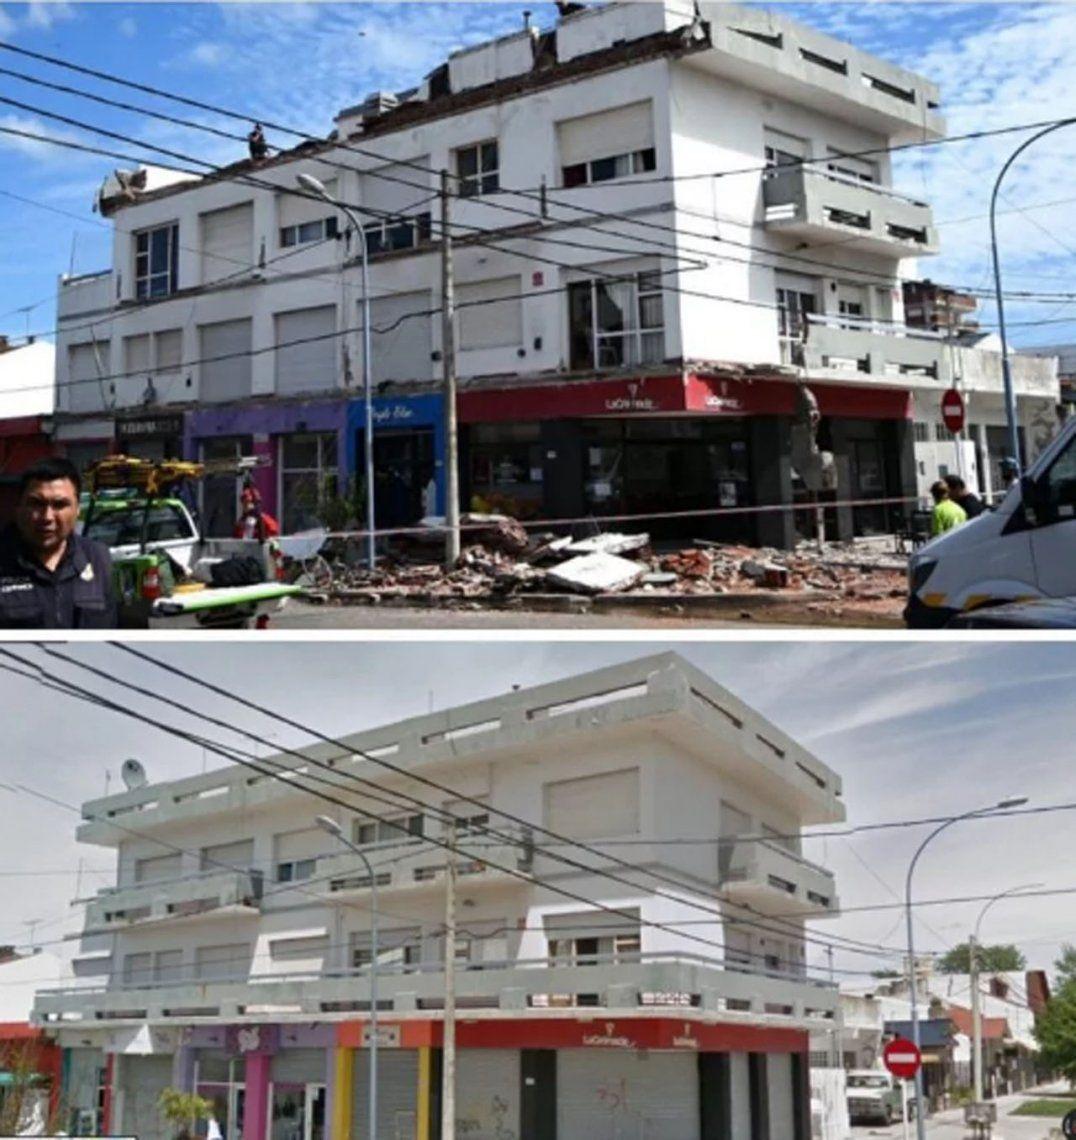 Derrumbe en Mar del Plata: así quedó el edificio tras la tragedia